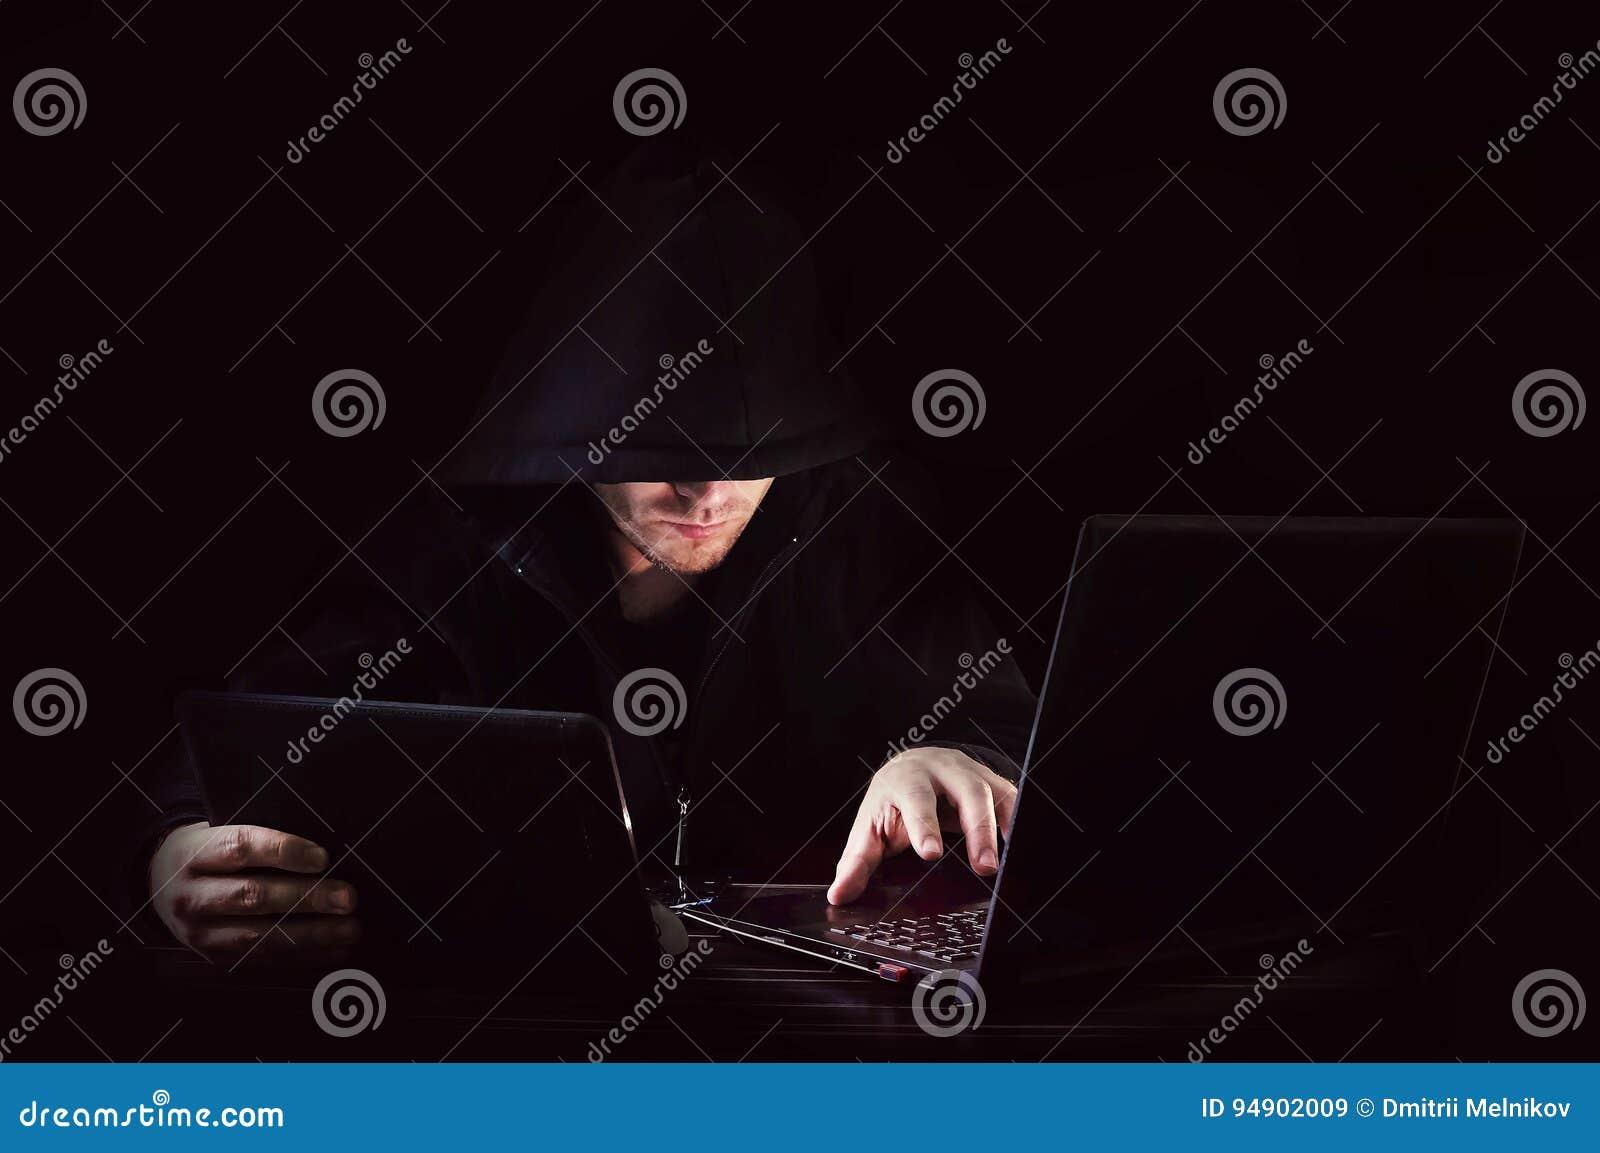 Ataque cibernético con el pirata informático encapuchado irreconocible